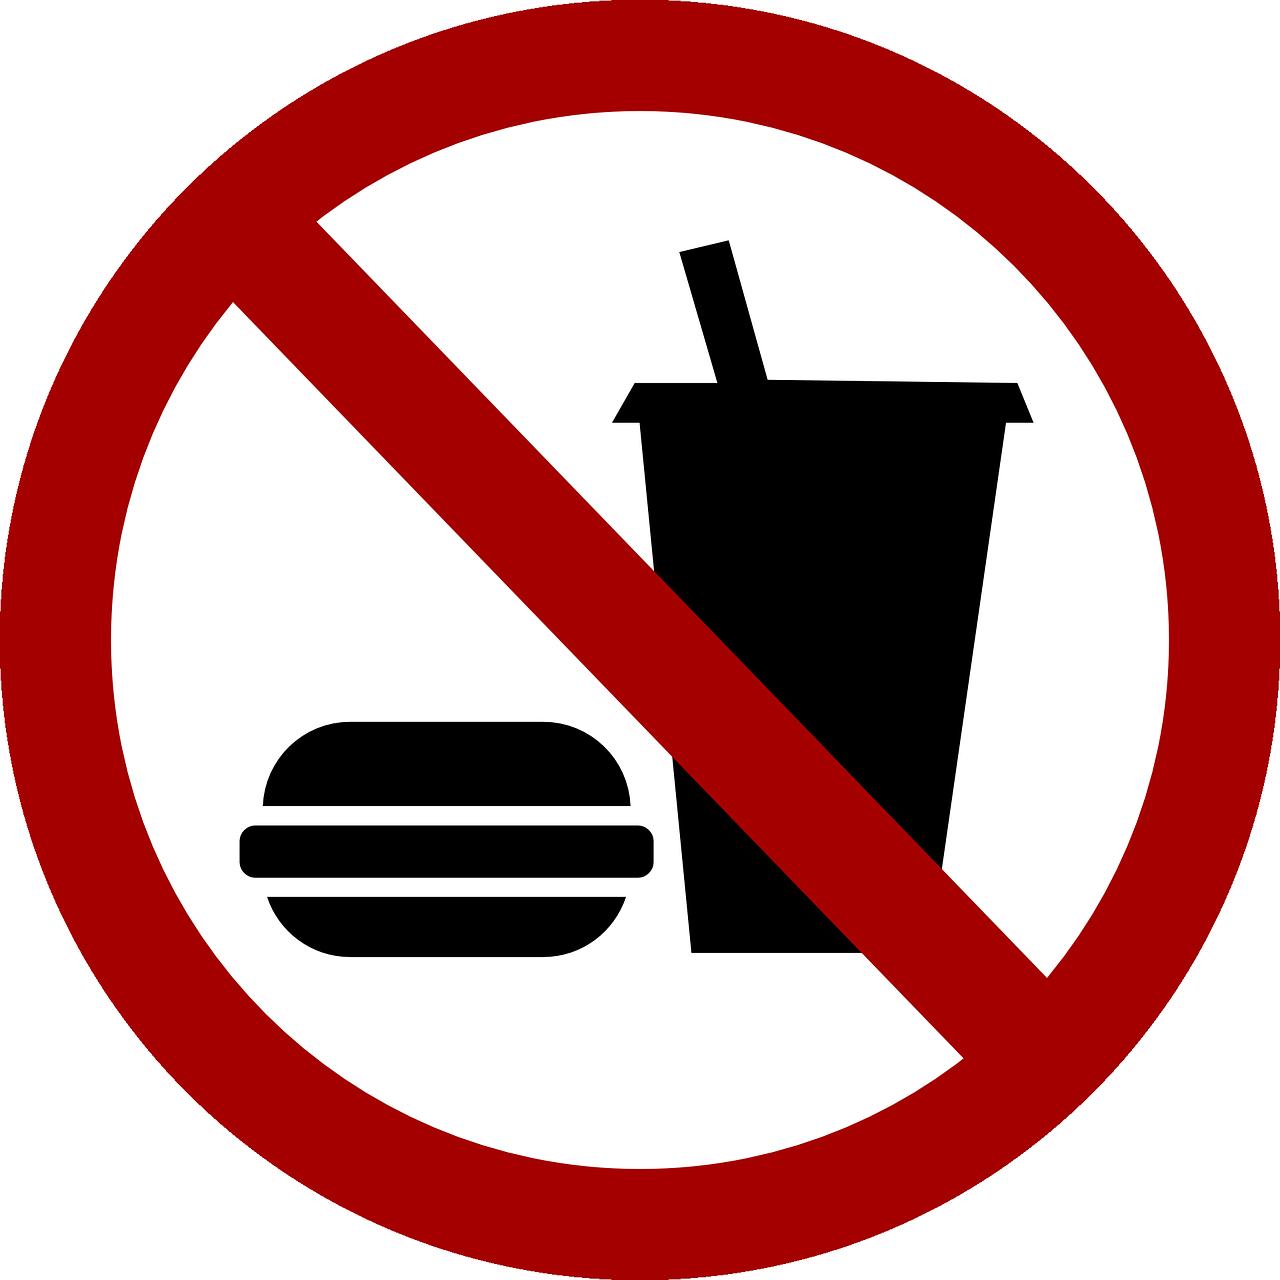 no-food-